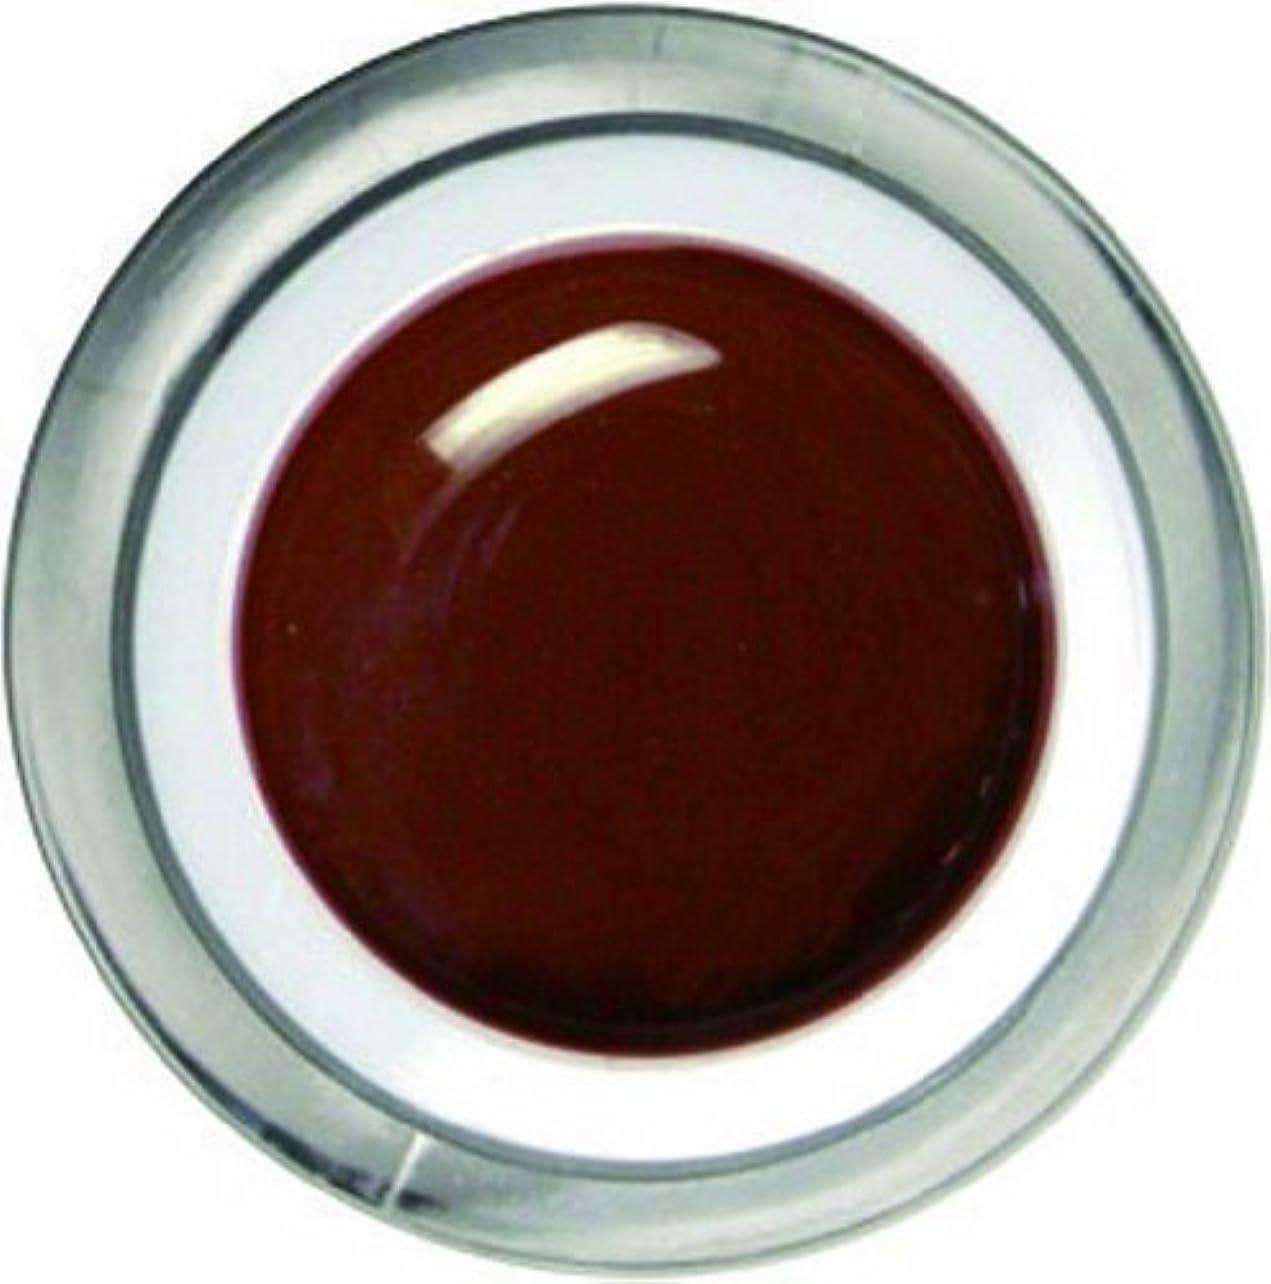 タンパク質トランクティームメロディコ メロディコジェル #12ブラウン